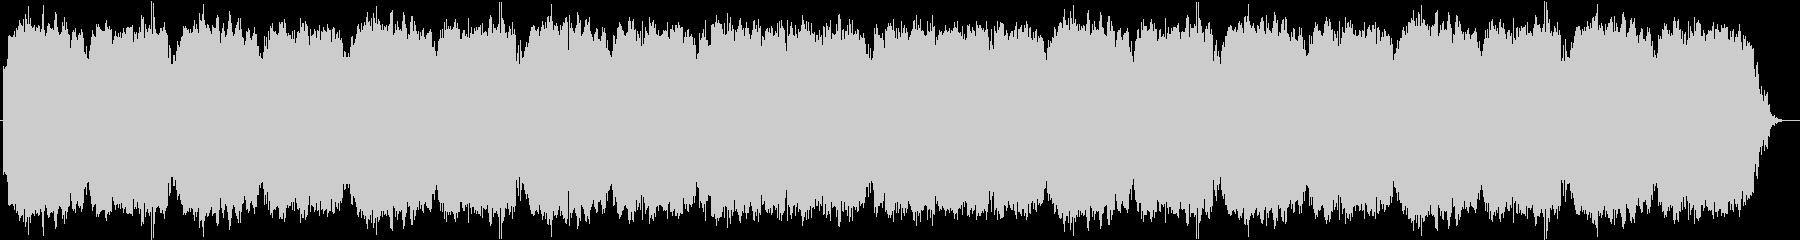 二胡(中国の民族楽器)を使用したBGMの未再生の波形